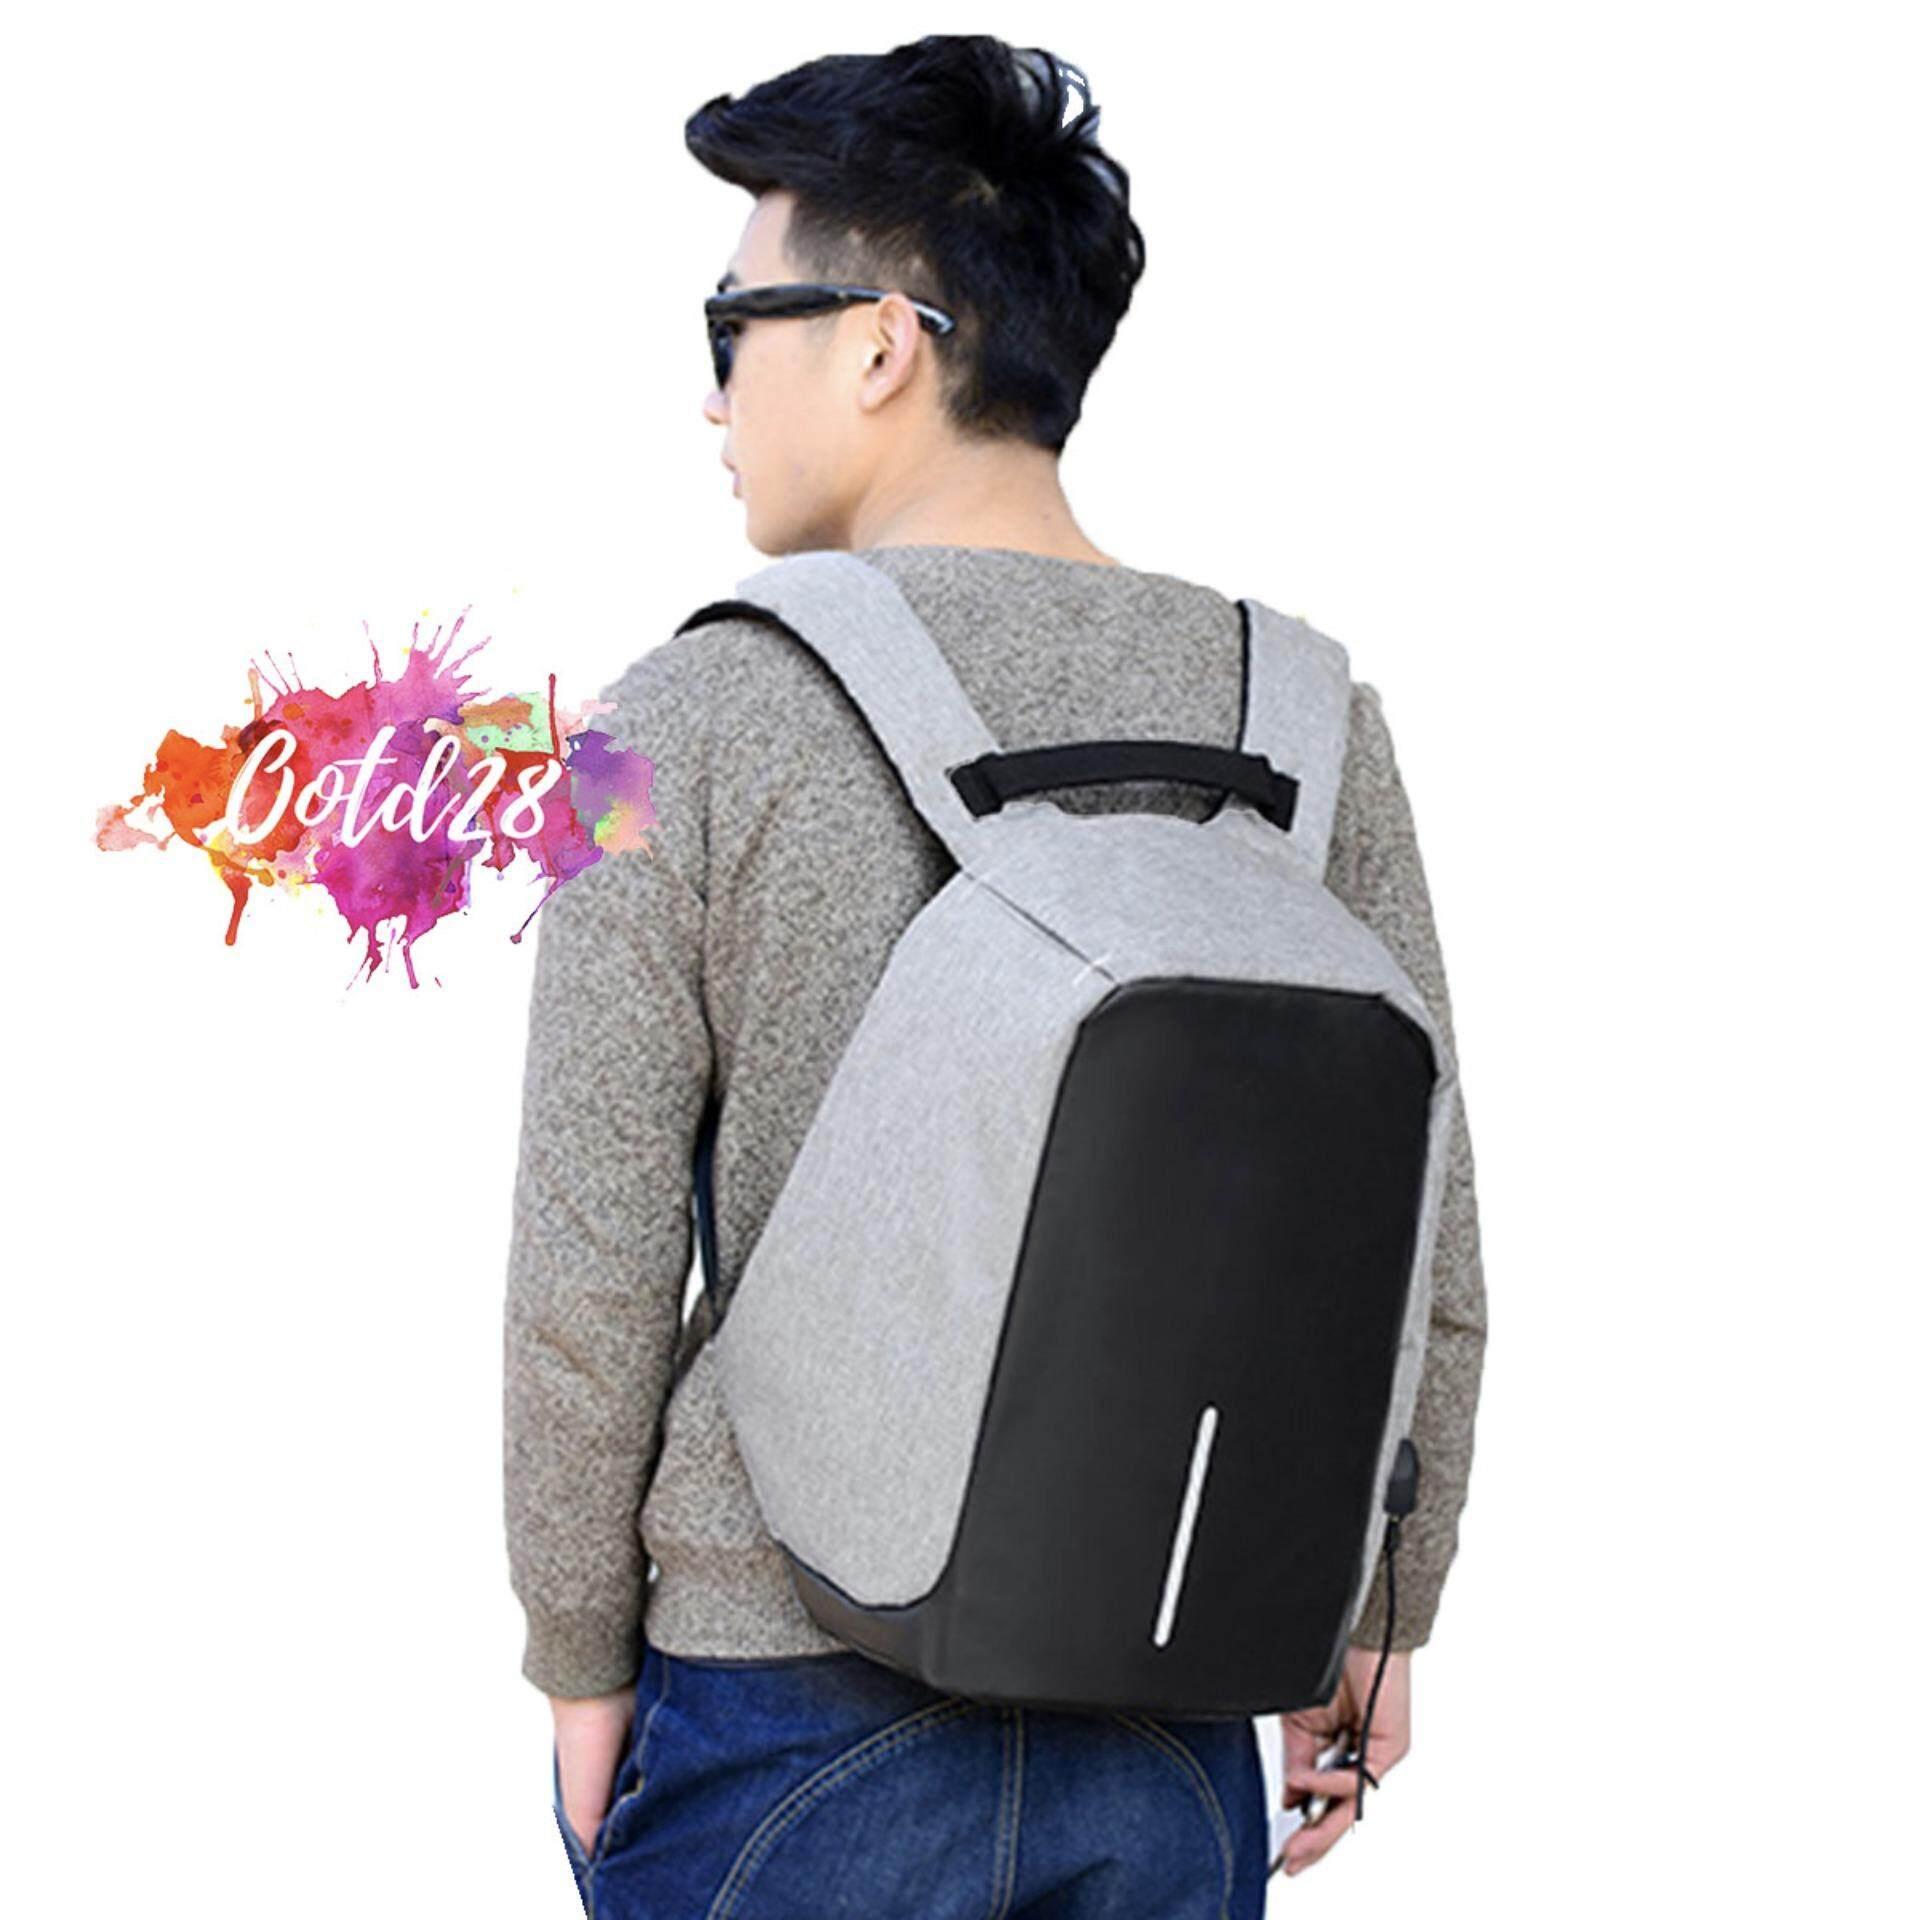 OOTD28 BG1701 Anti Theft Backpack OEM Design Bag Bobby XD Inspired